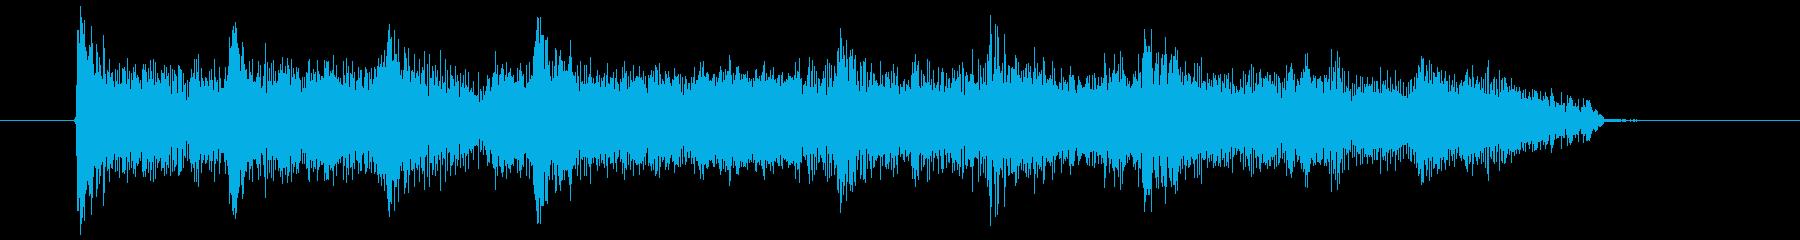 熱いフレーズのエレキギターのジングルの再生済みの波形